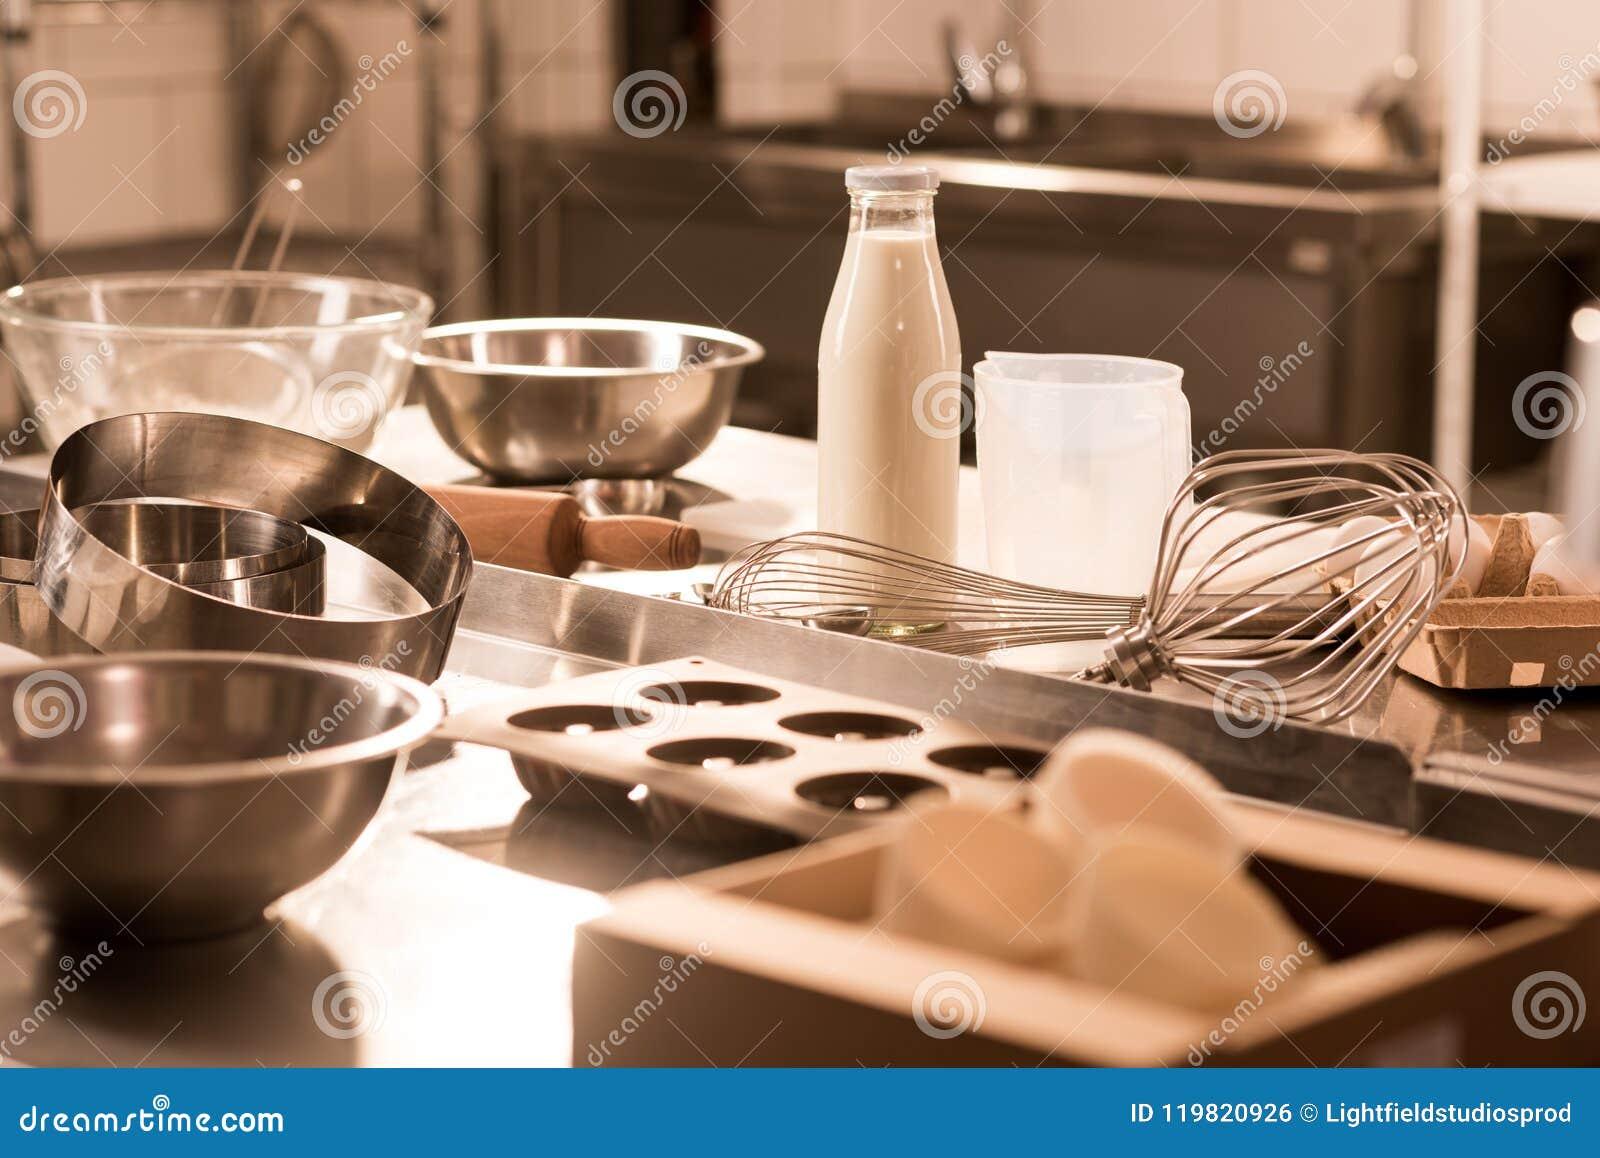 Fermez-vous vers le haut de la vue des ingrédients pour des ustensiles de la pâte et de cuisine sur le compteur dans le restauran